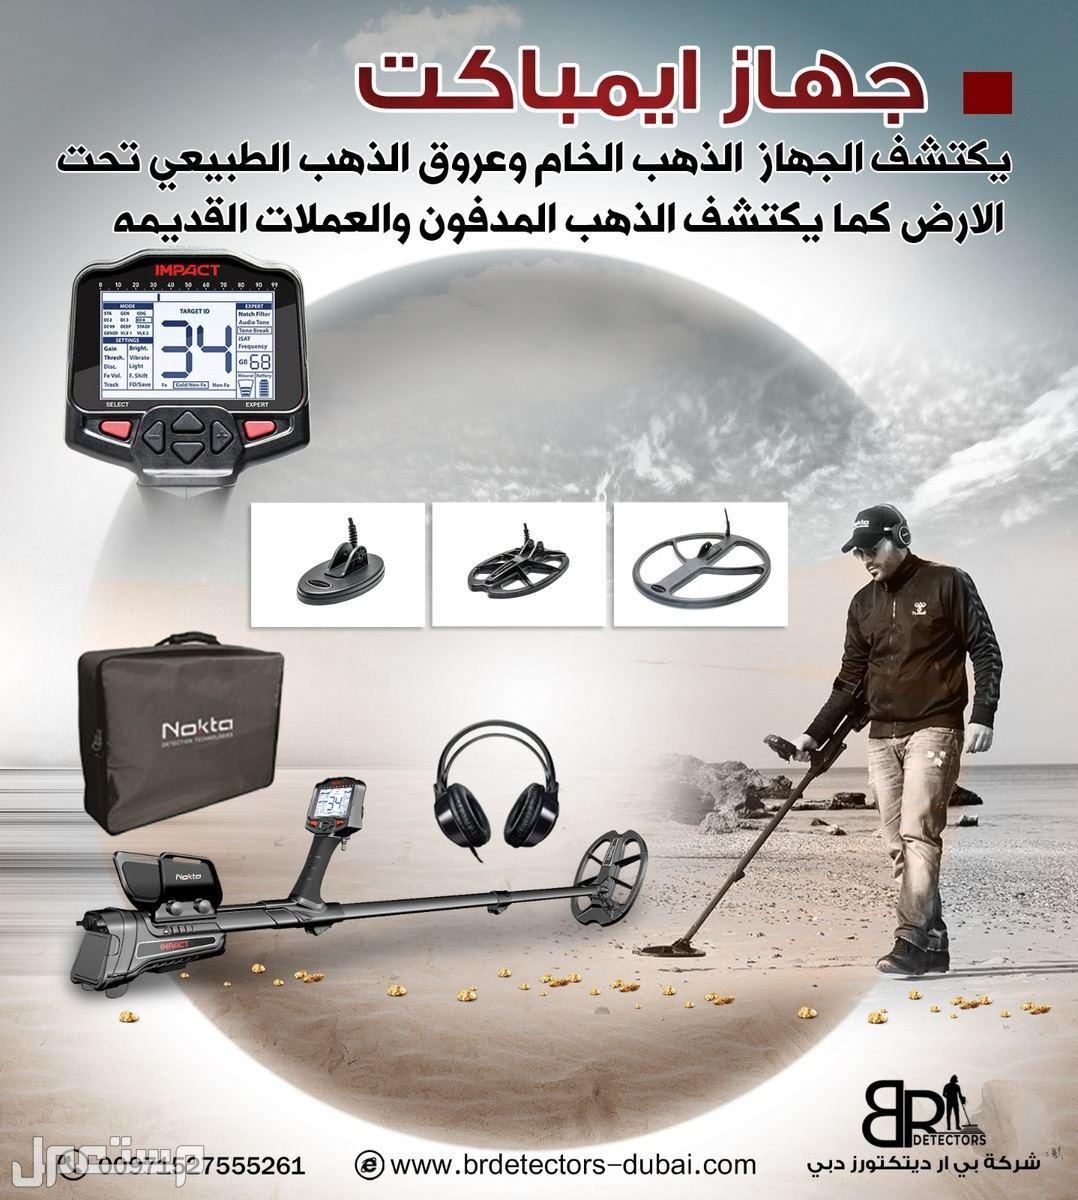 اجهزة كشف الذهب في السعودية / امباكت برو اجهزة كشف الذهب في السعودية / امباكت برو